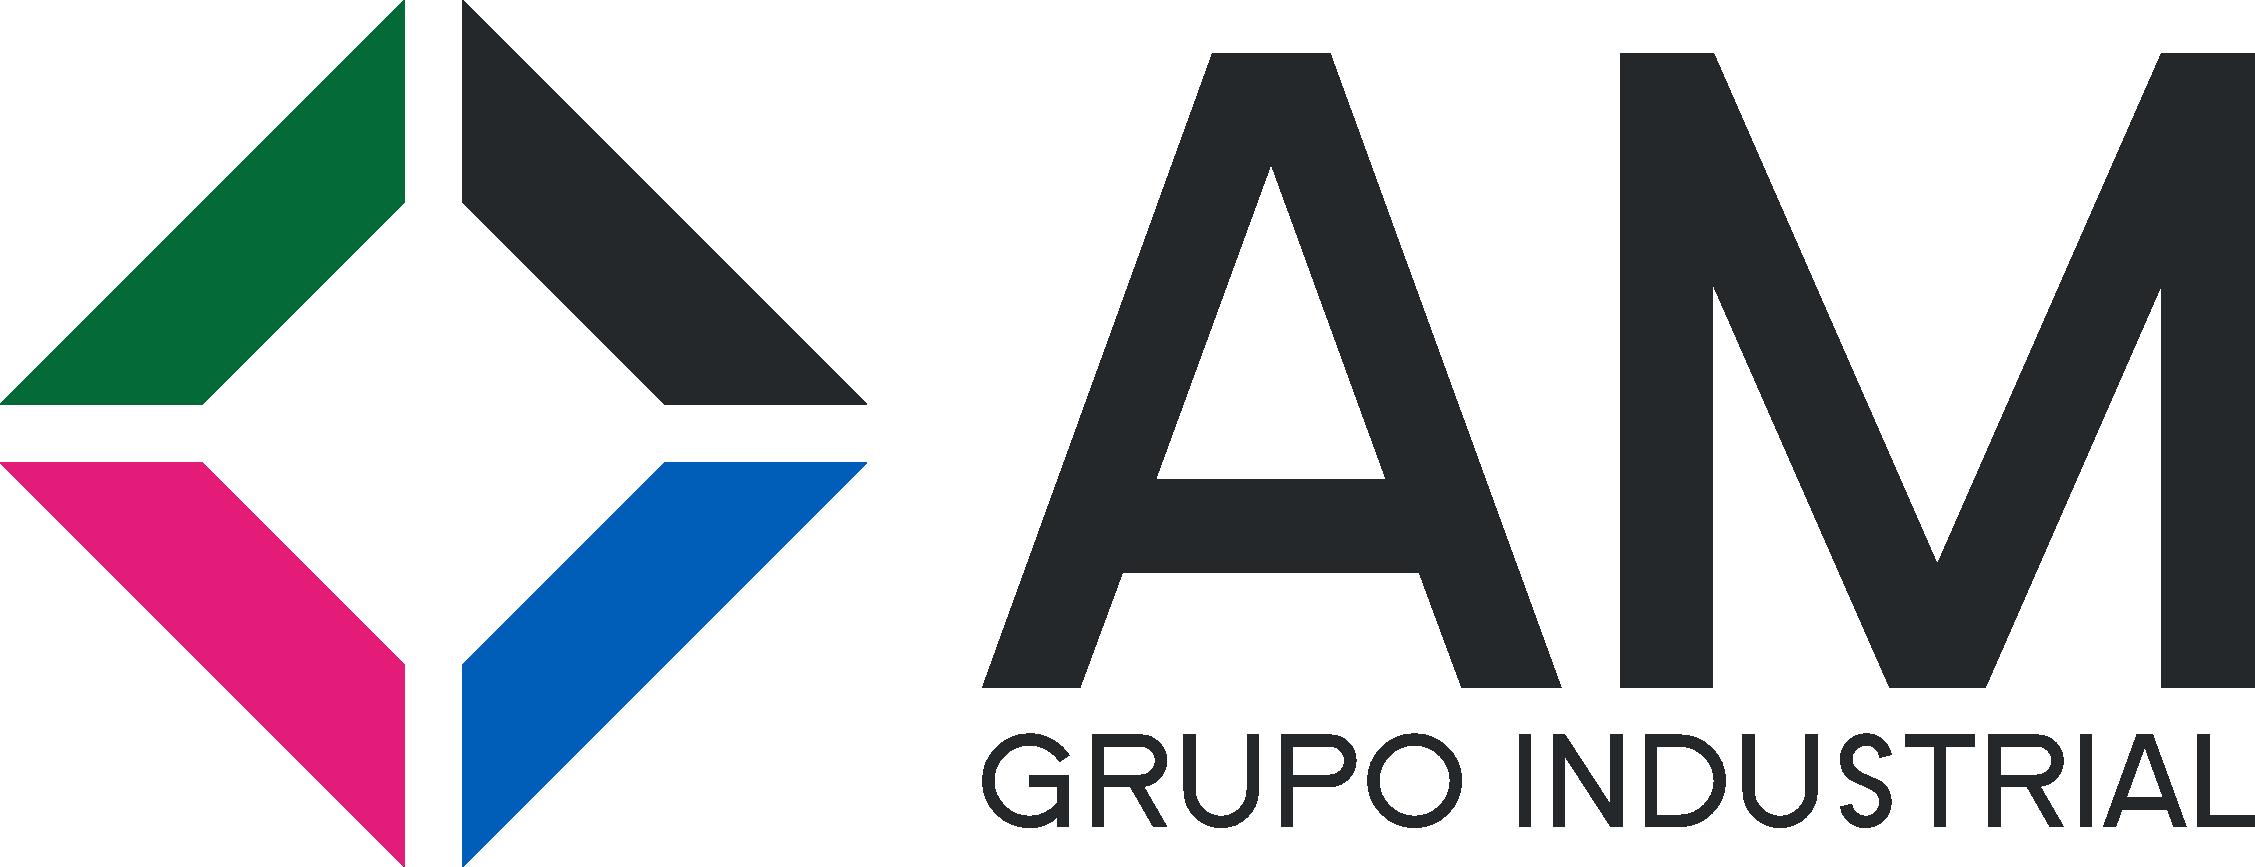 Empresas Desafio10x: Grupo Industrial Am Spa